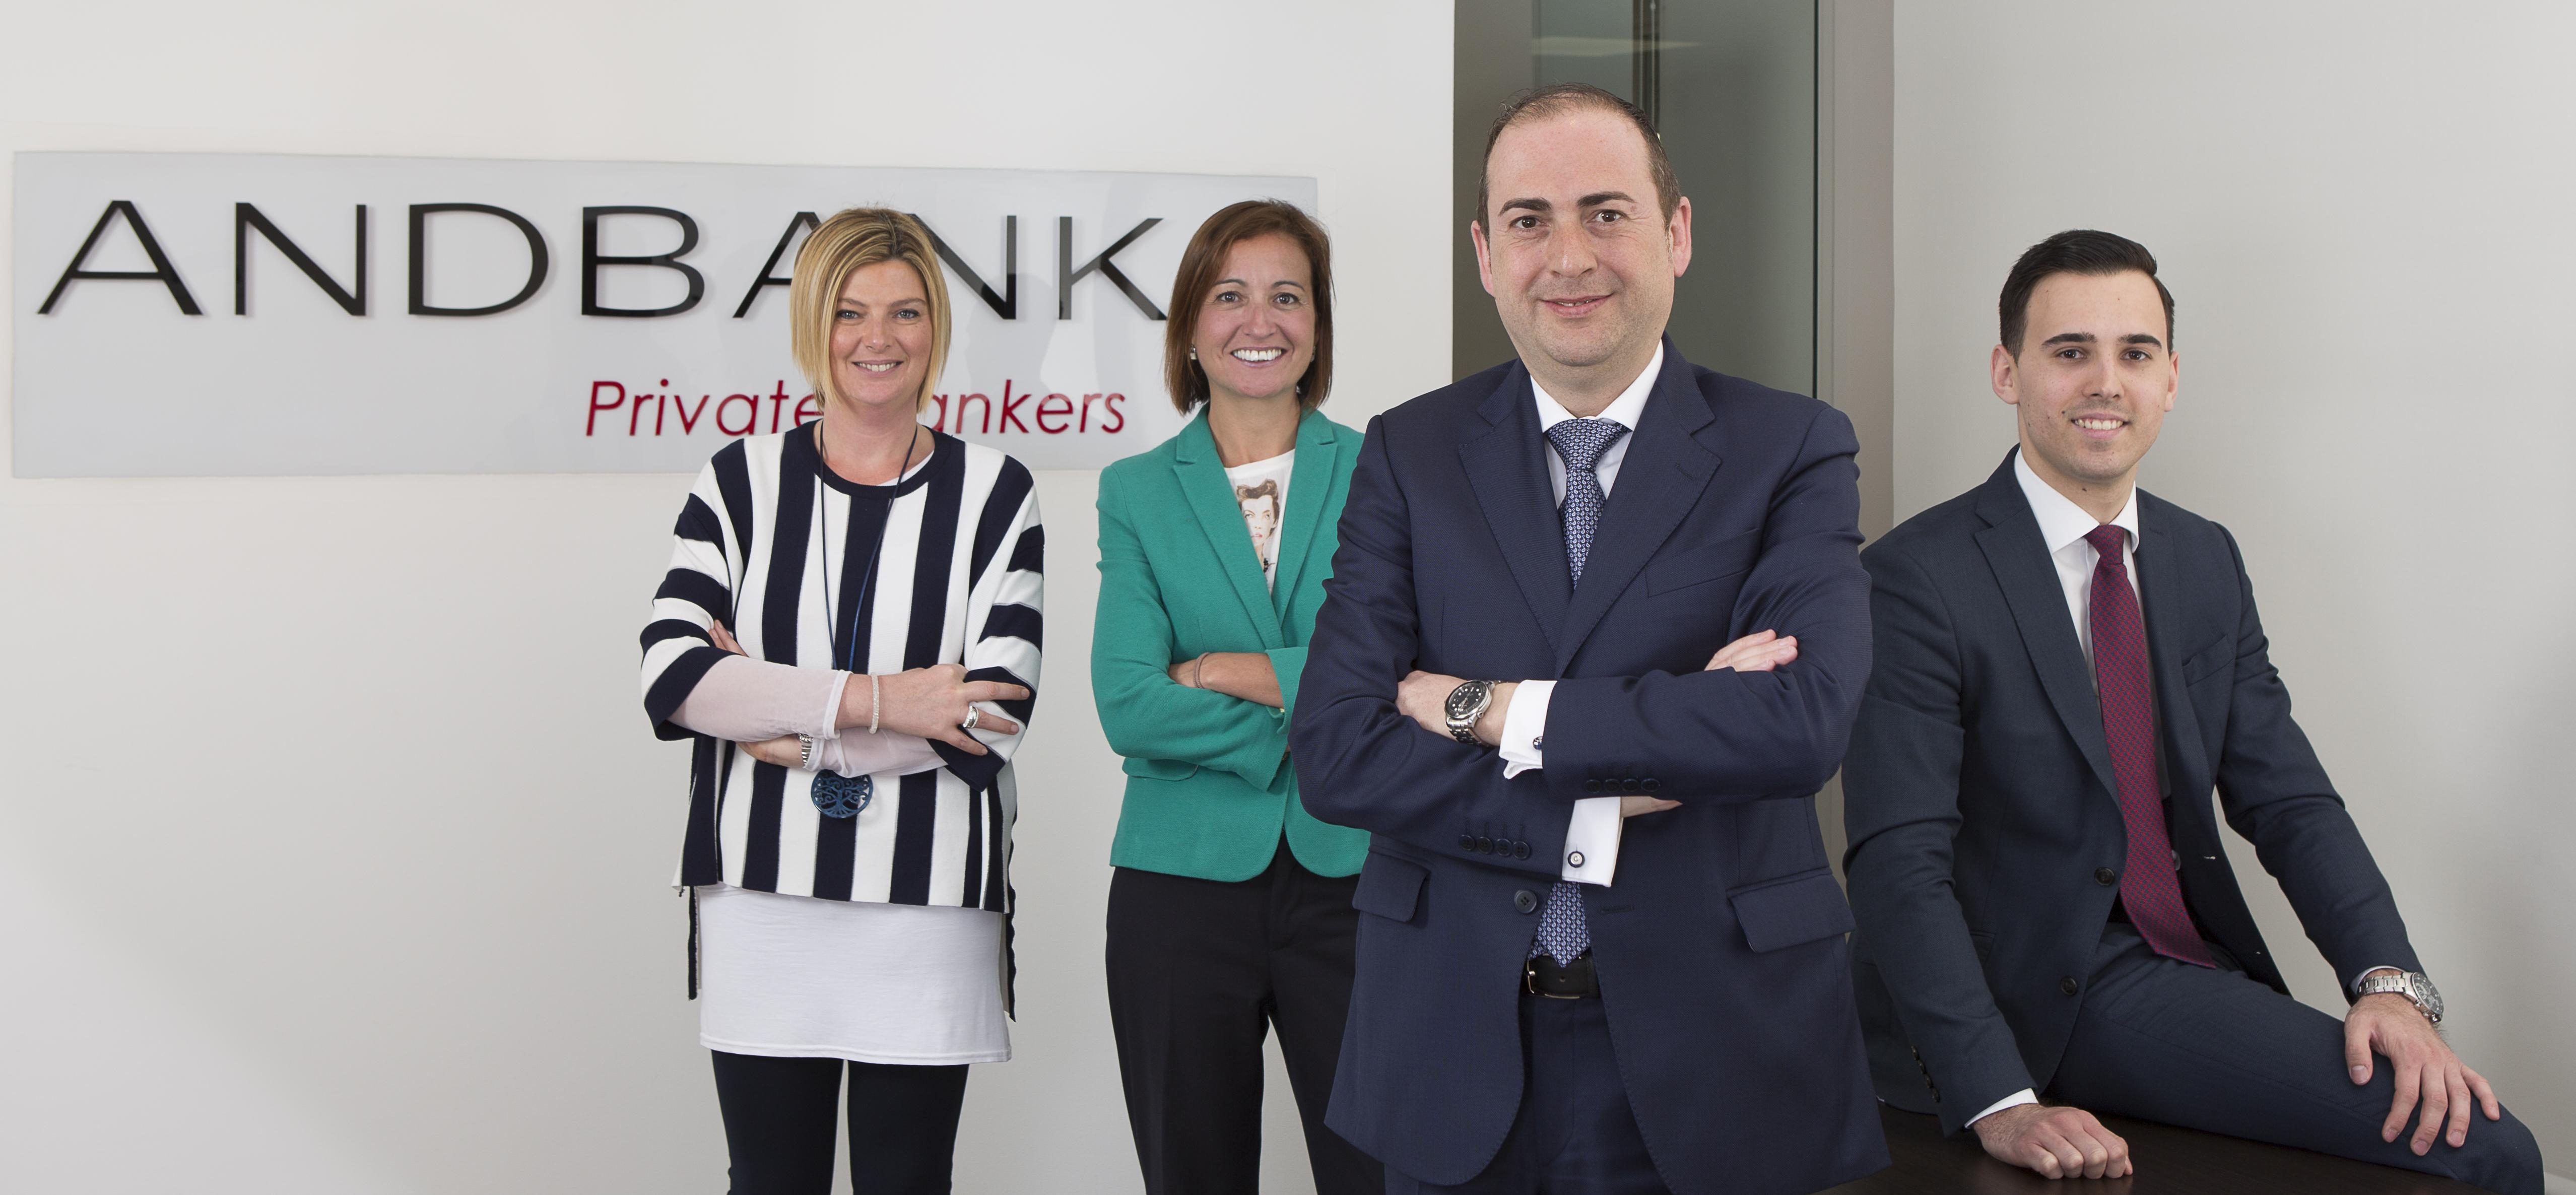 Andbank refuerza su equipo en Alicante con dos nuevos banqueros privados